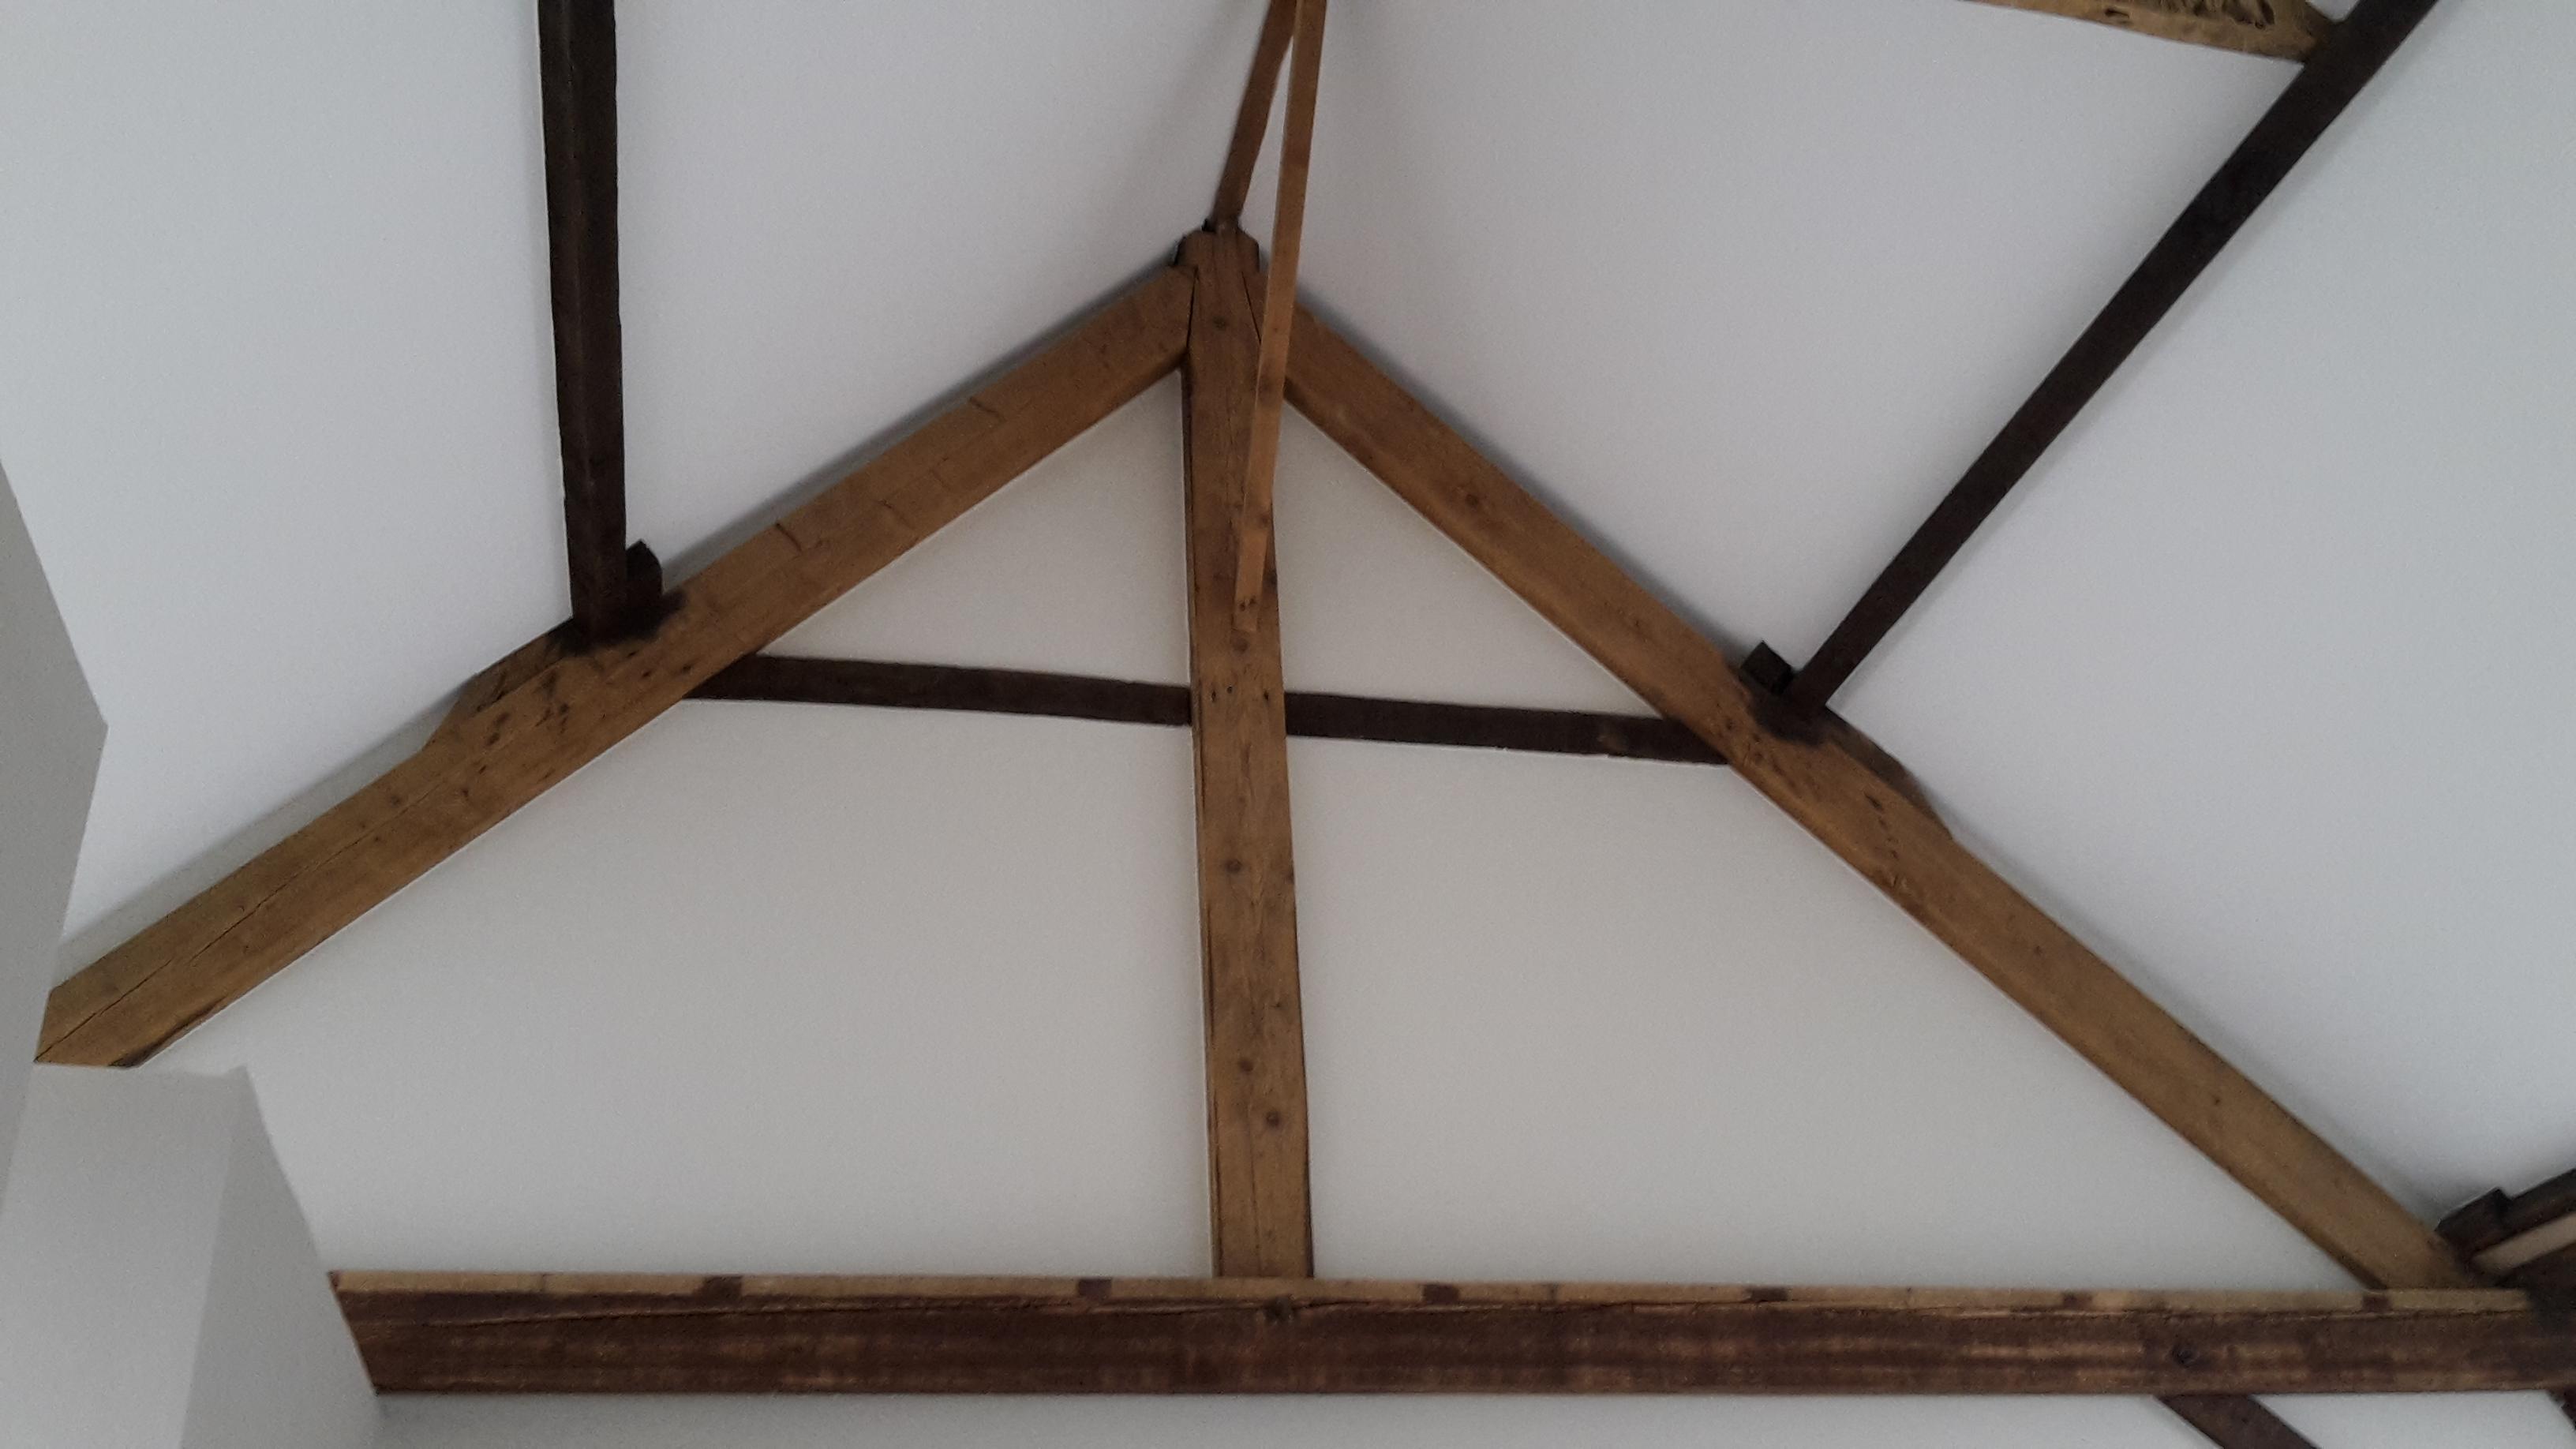 Ltschilderwerken - Slaapkamer met zichtbare balken ...